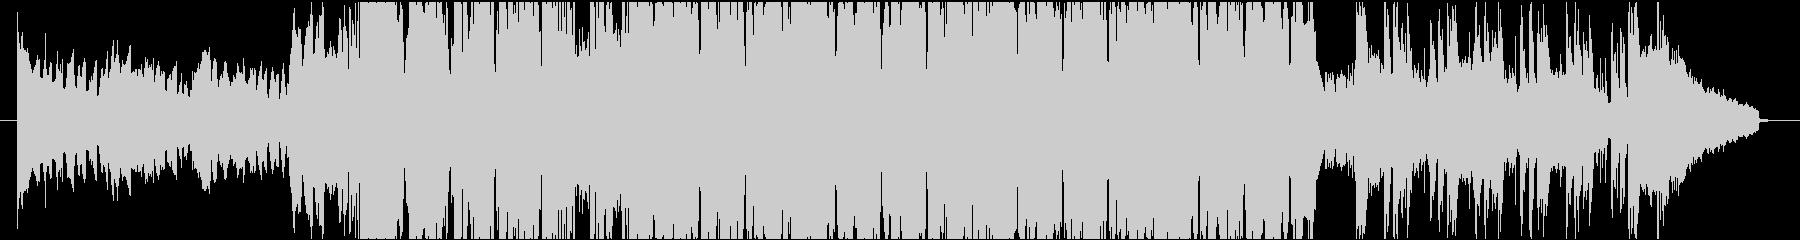 実験的 ロック ポストロック ブレ...の未再生の波形